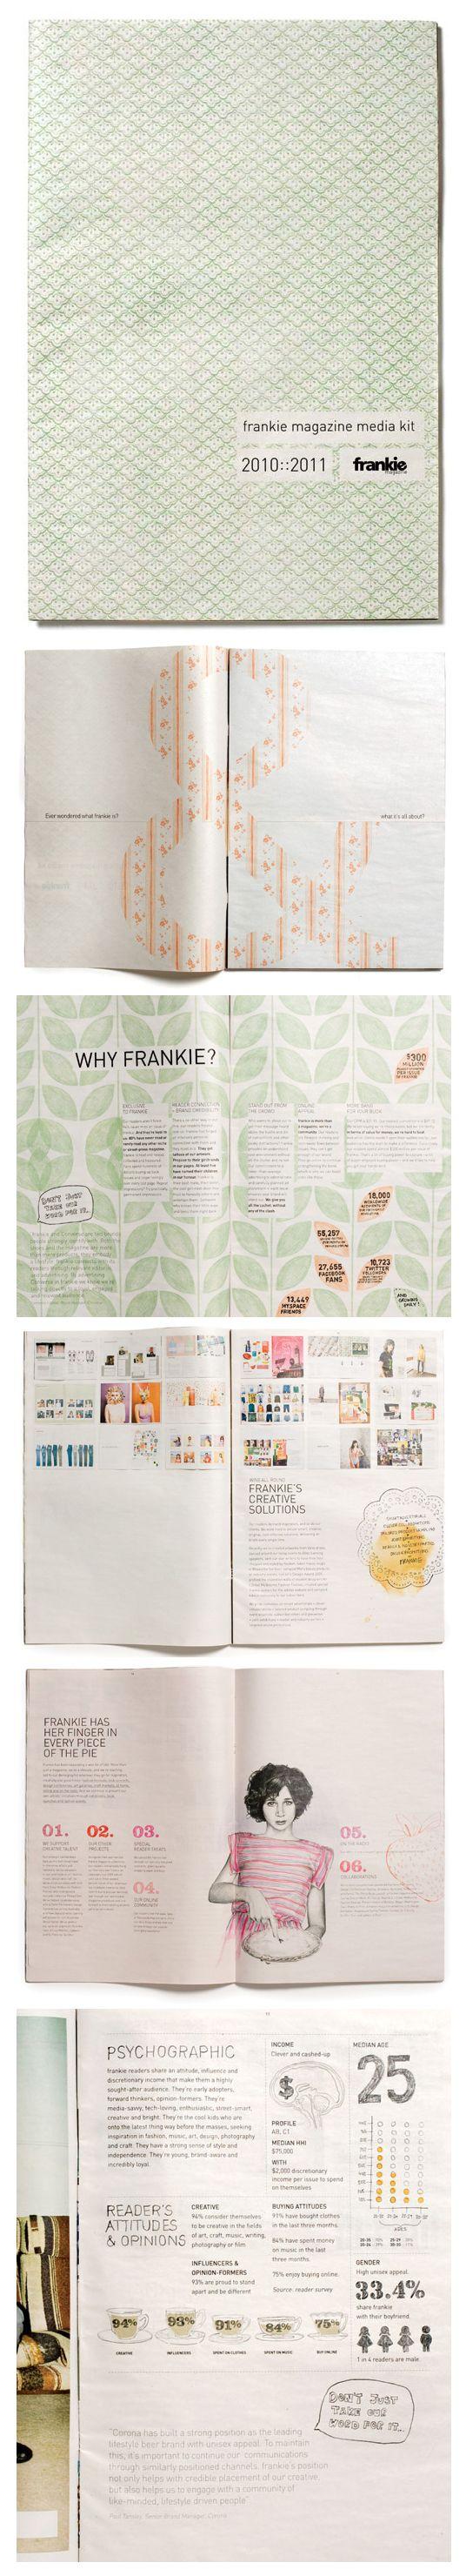 Frankie Media Kit 2010-11